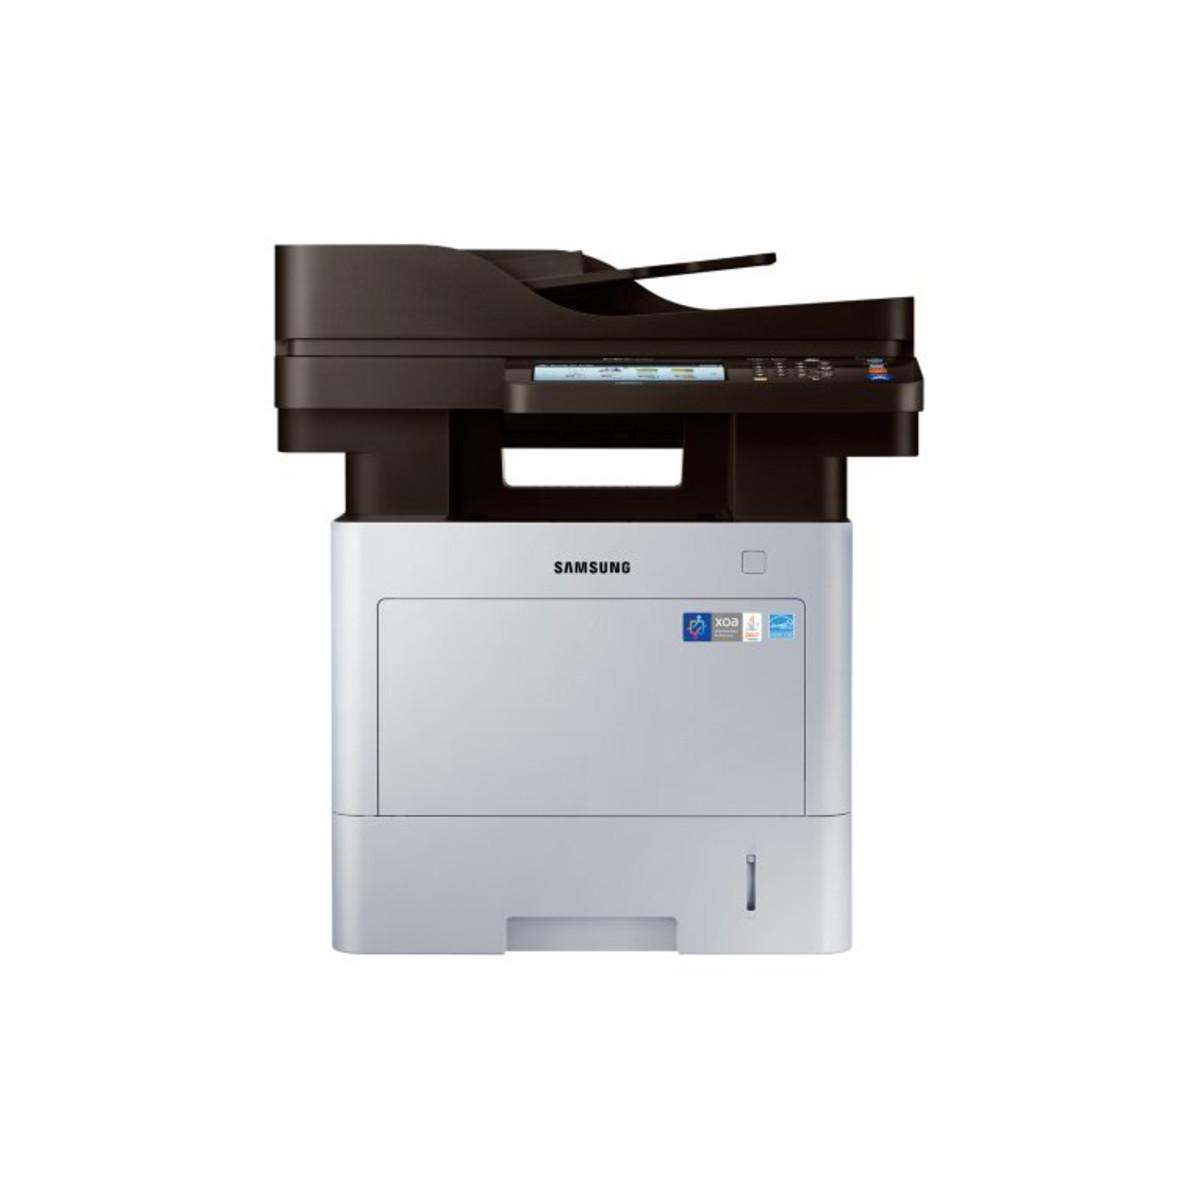 Samsung SL-M4080FX Mono Laser Printer